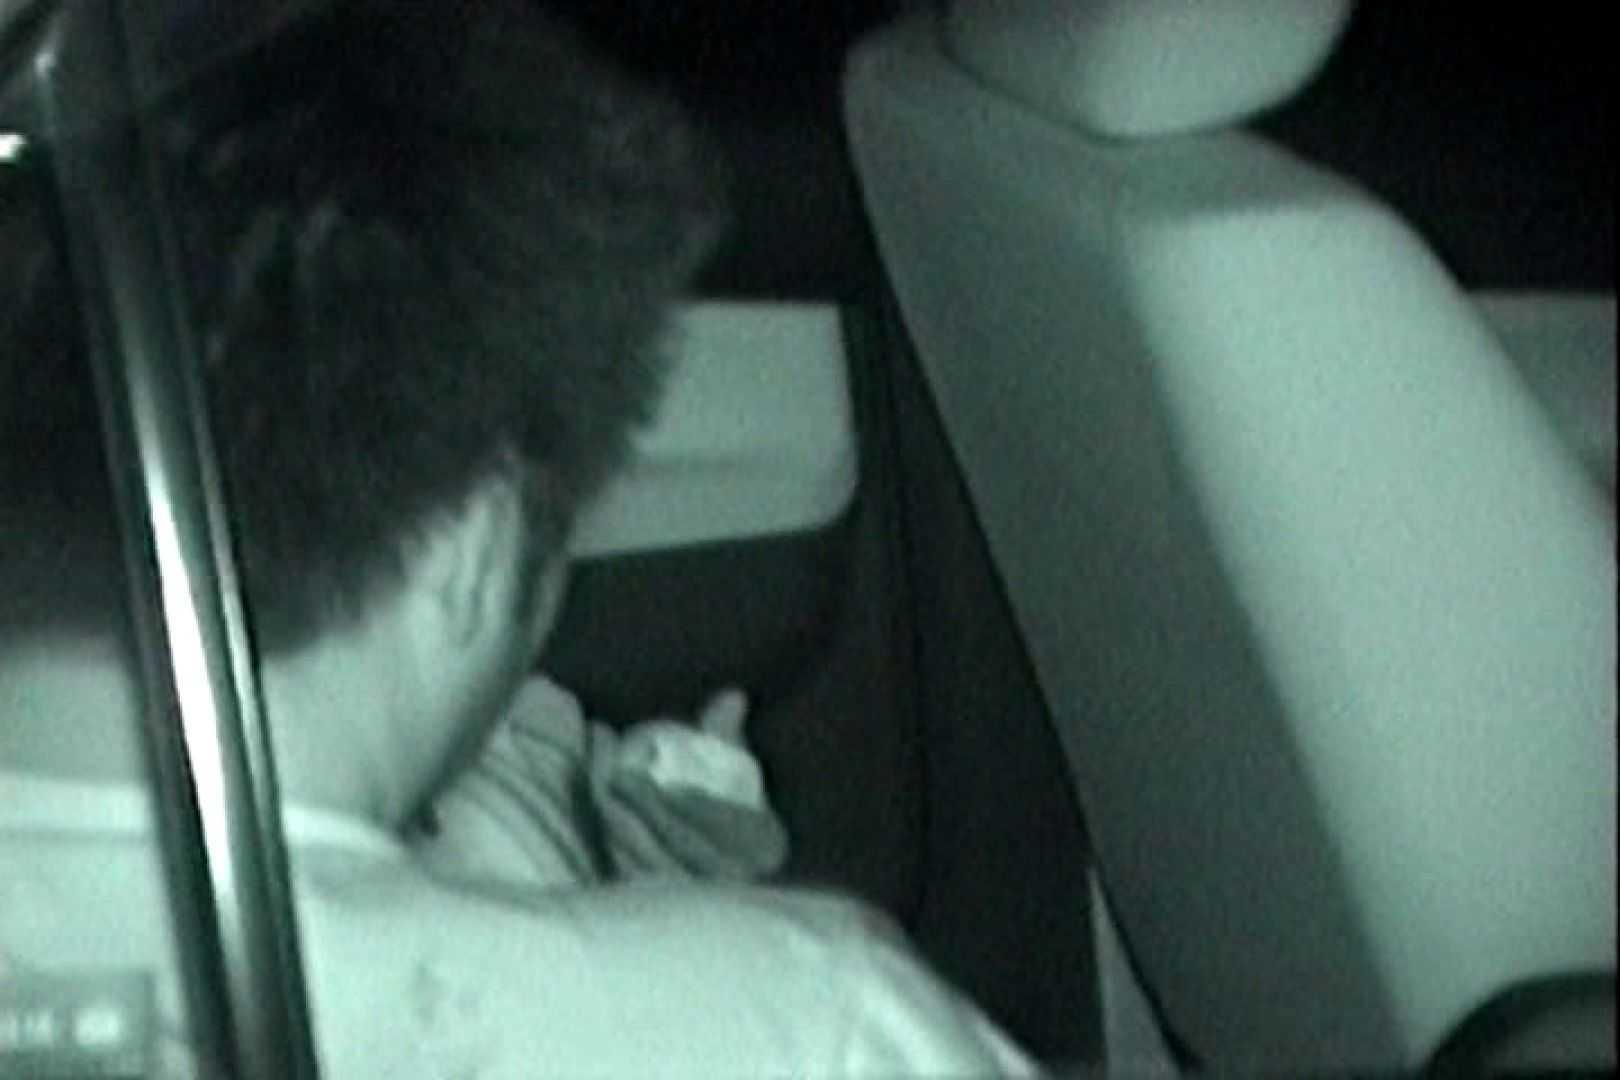 充血監督の深夜の運動会Vol.144 カップル盗撮 盗撮画像 62画像 19